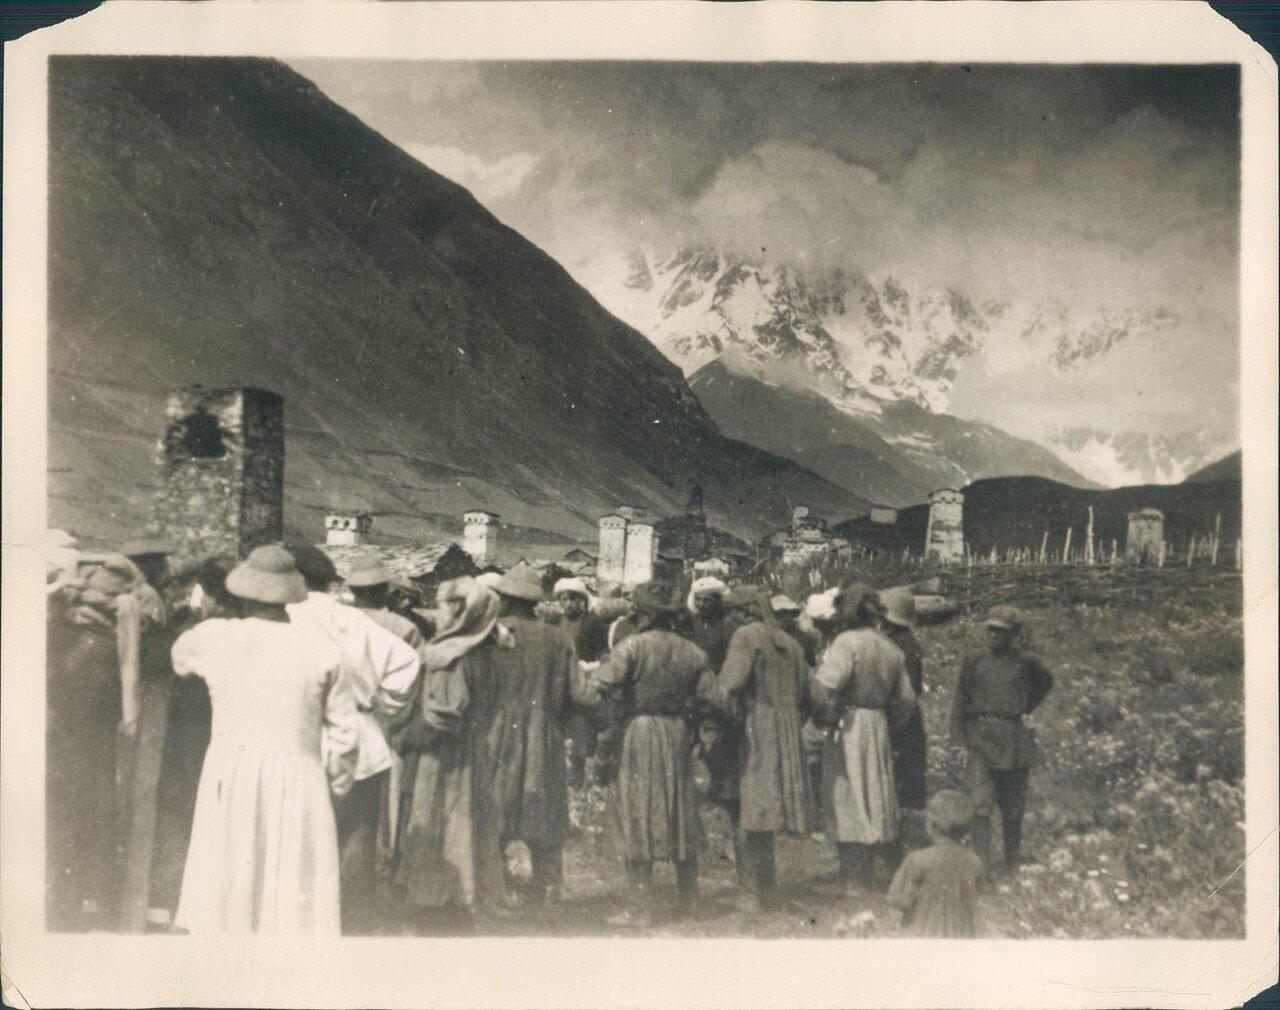 1930-е. Встреча начальников в горной кавказской деревне